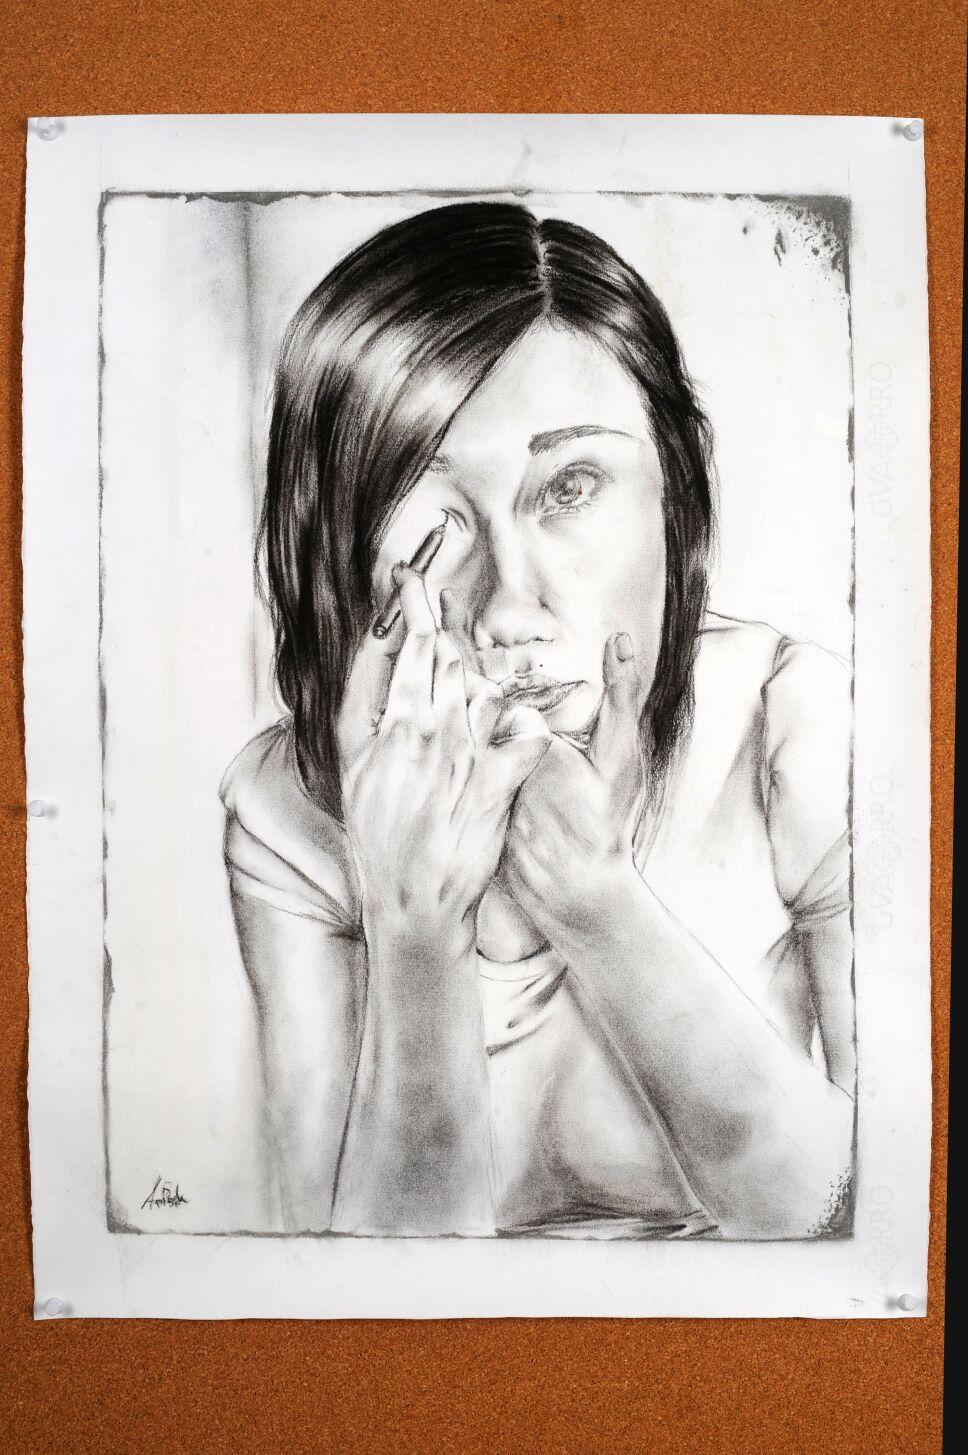 MENCIÓN, Ariadna Gabriela Gómez Treviño, Los espejos harían bien en pensar antes de devolver sus imágenes.jpg